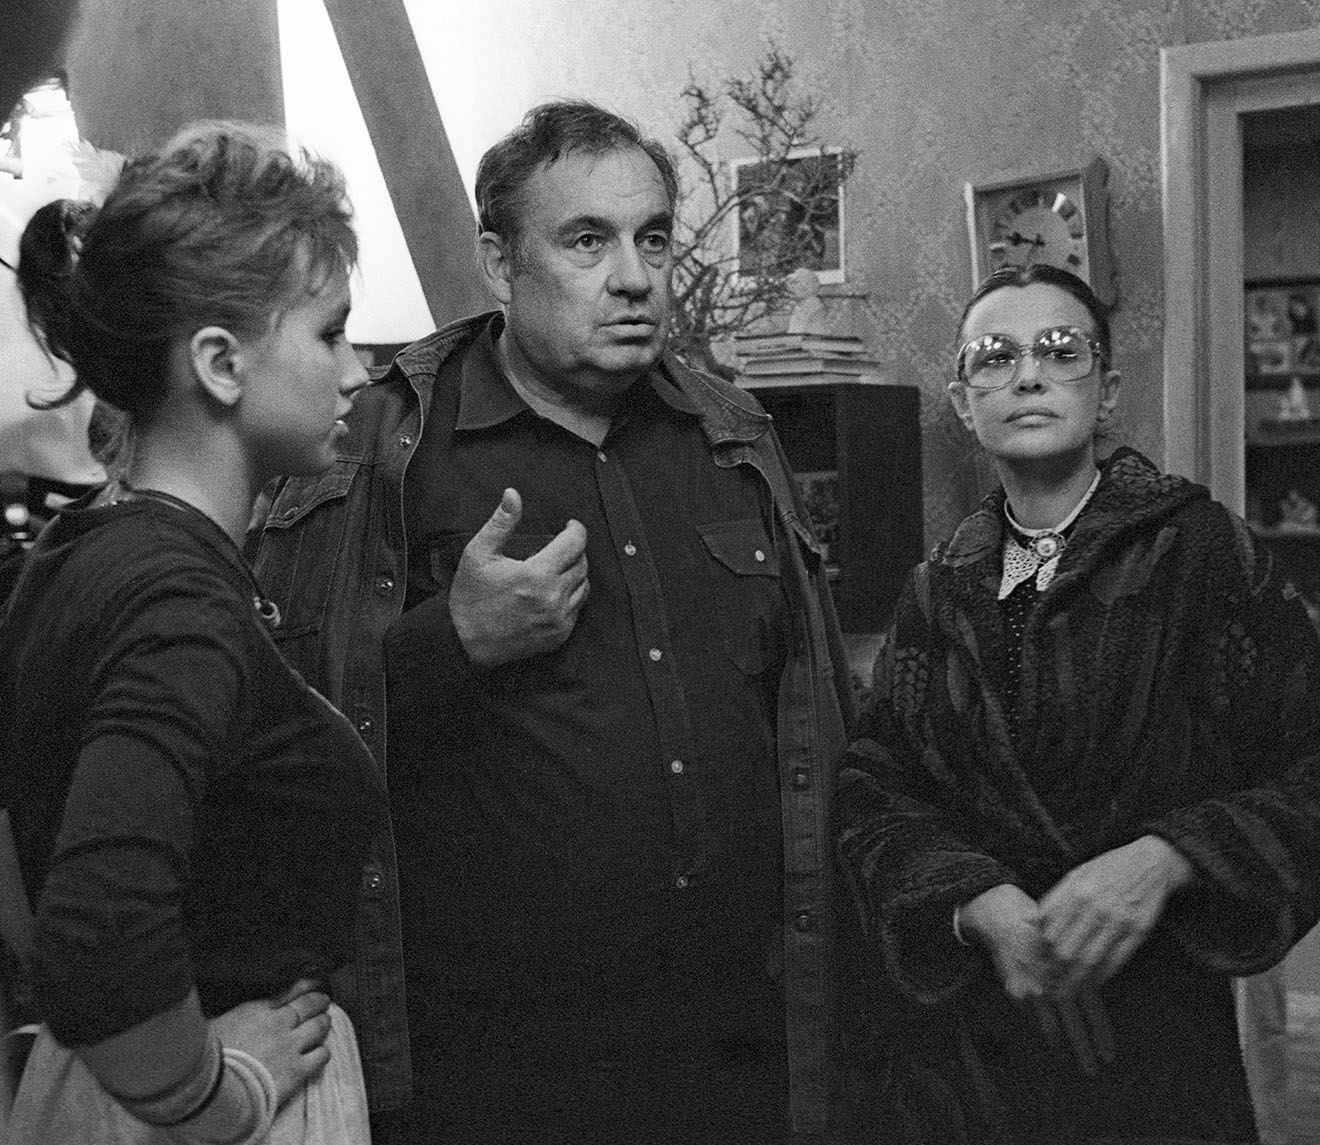 Марина Неелова, Эльдар Рязанов и актриса Наталья Щукина (справа налево), 1987 год.